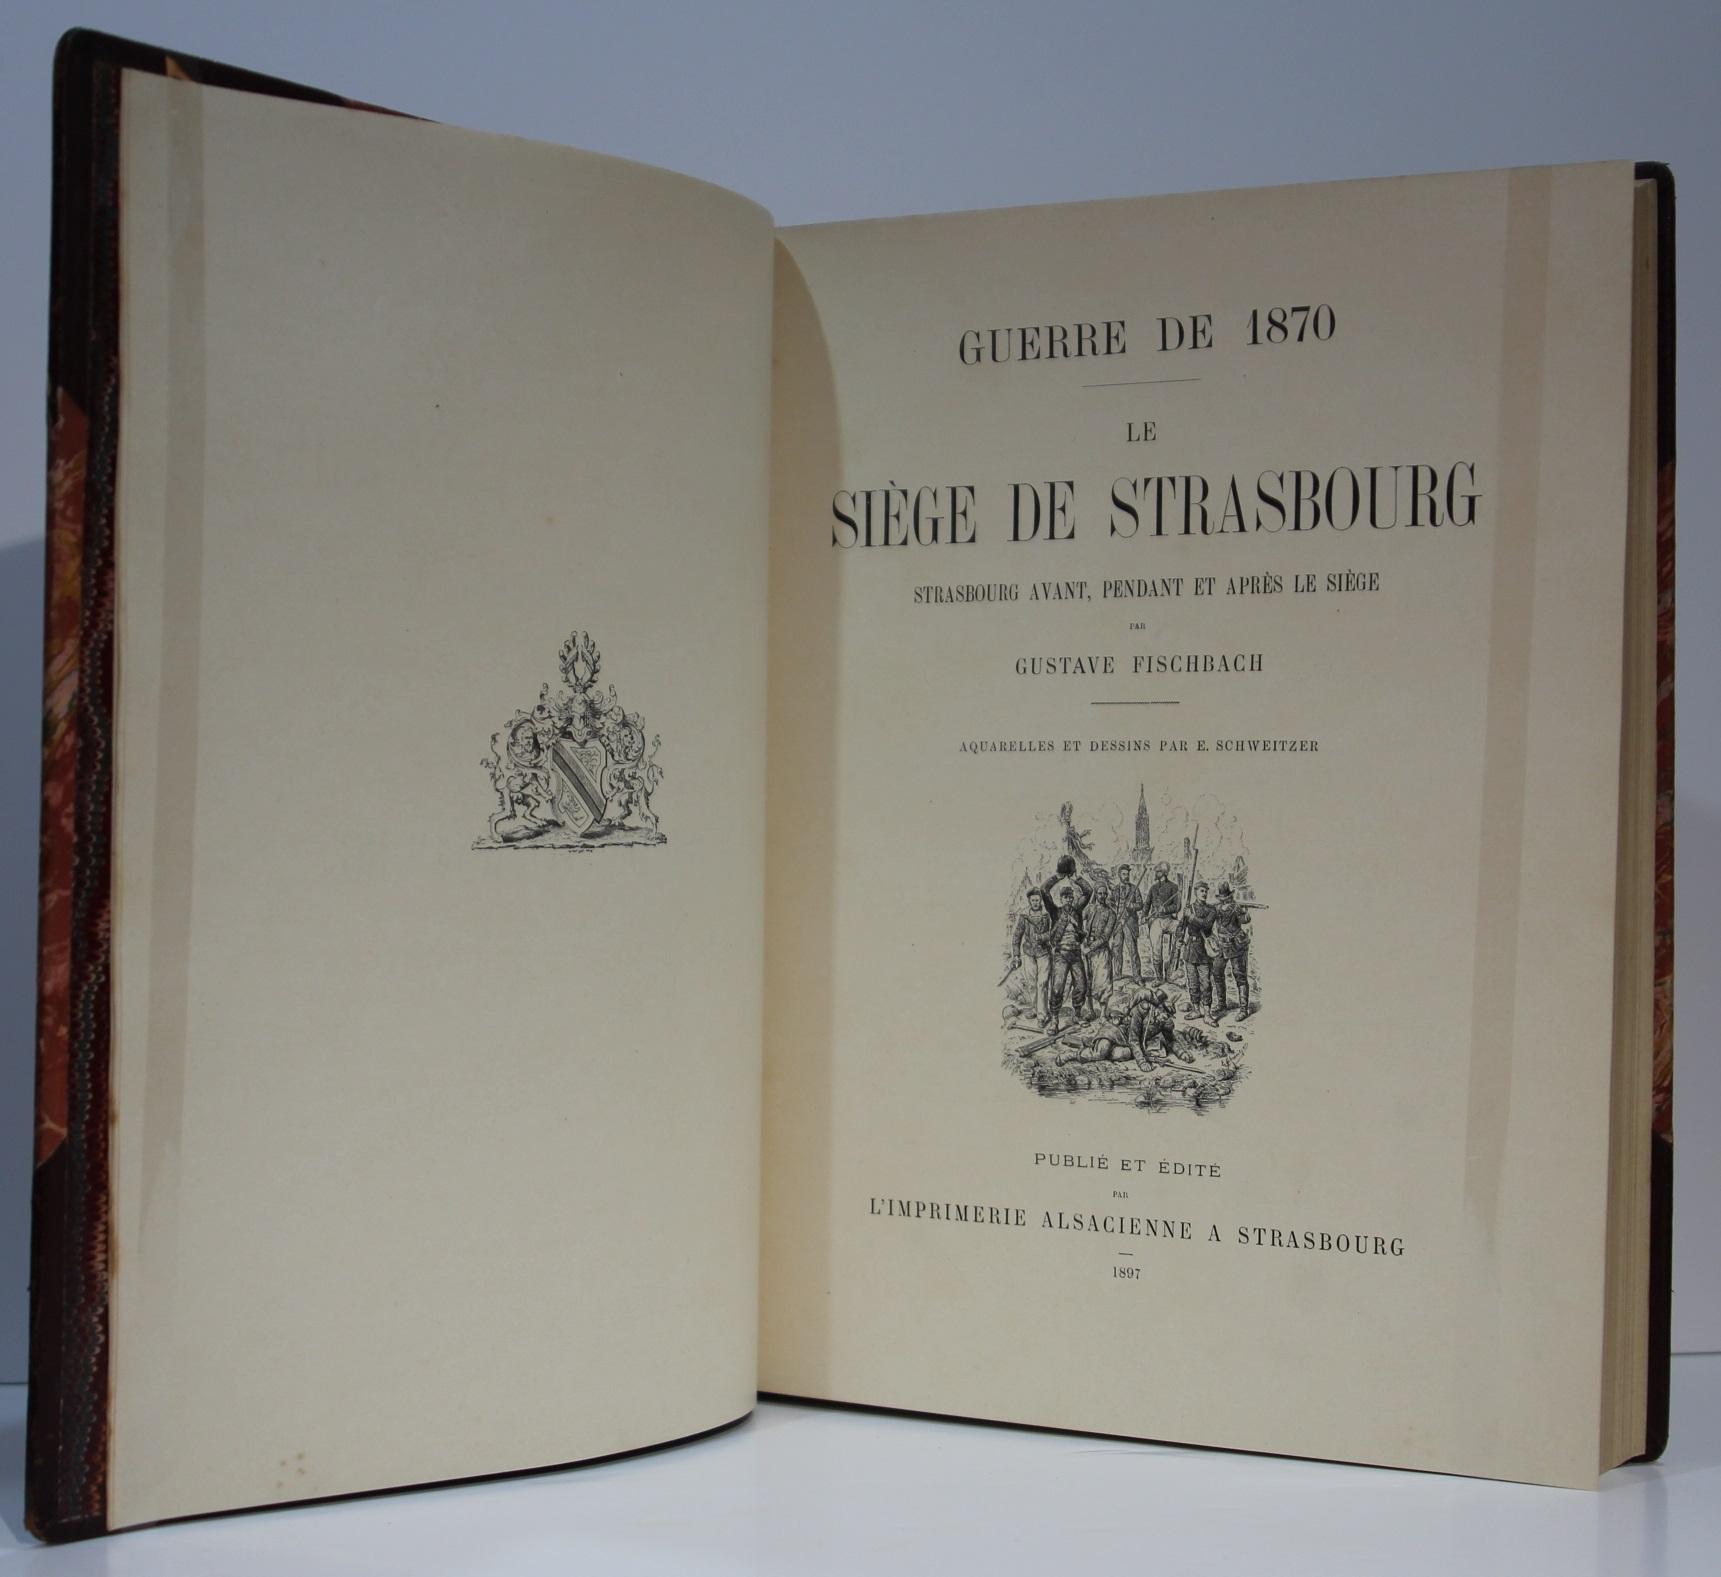 Guerre de 1870 Le Siège de Strasbourg. Gustave Fischbach. L'Imprimerie alsacienne 1897. Page titre.